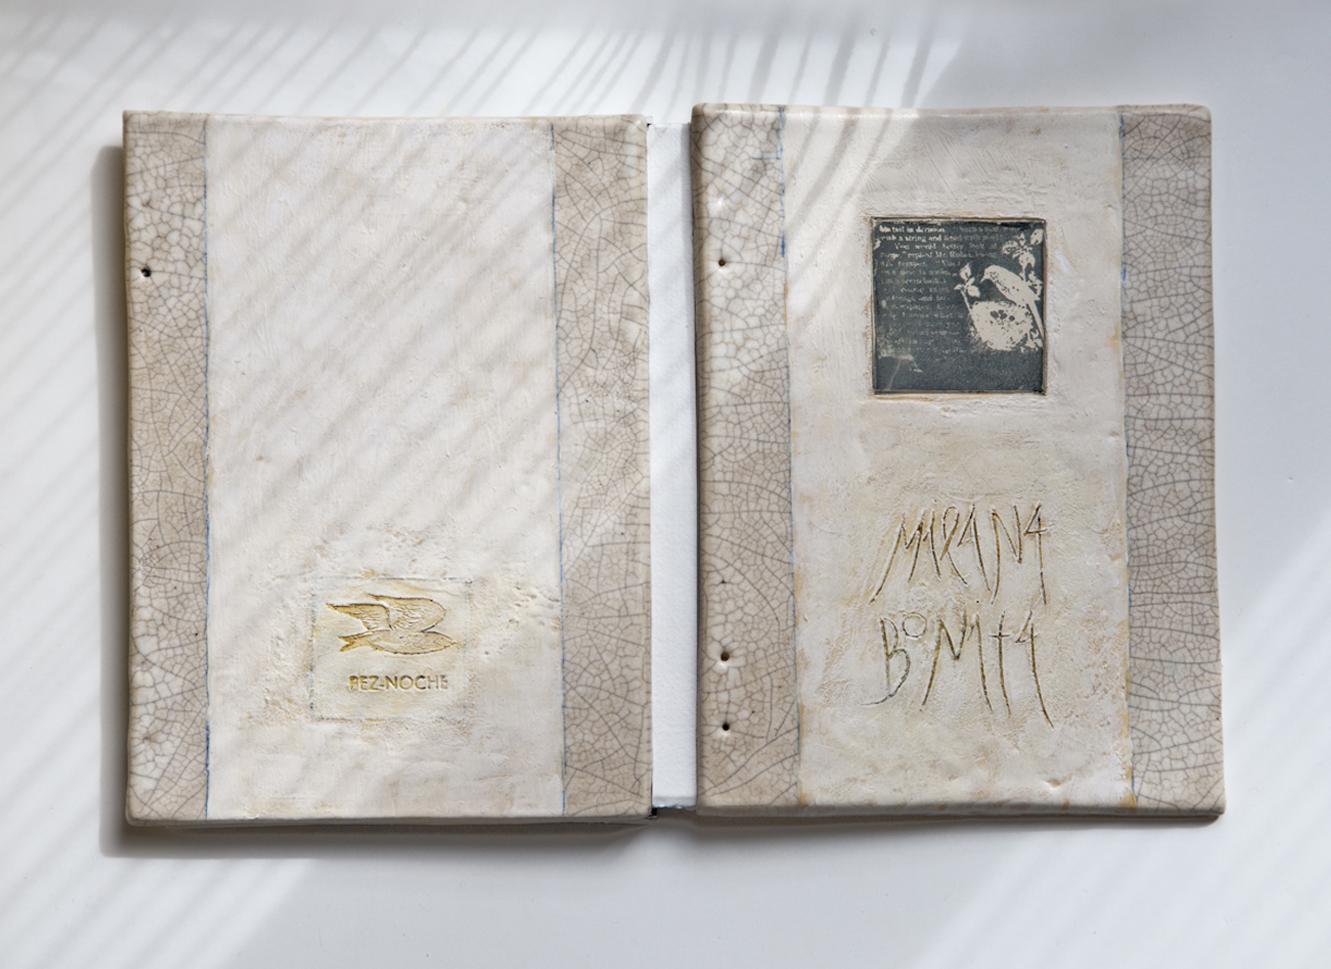 Un mundo mirado el libro fotograf a serigraf a cer mica for Libro in ceramica